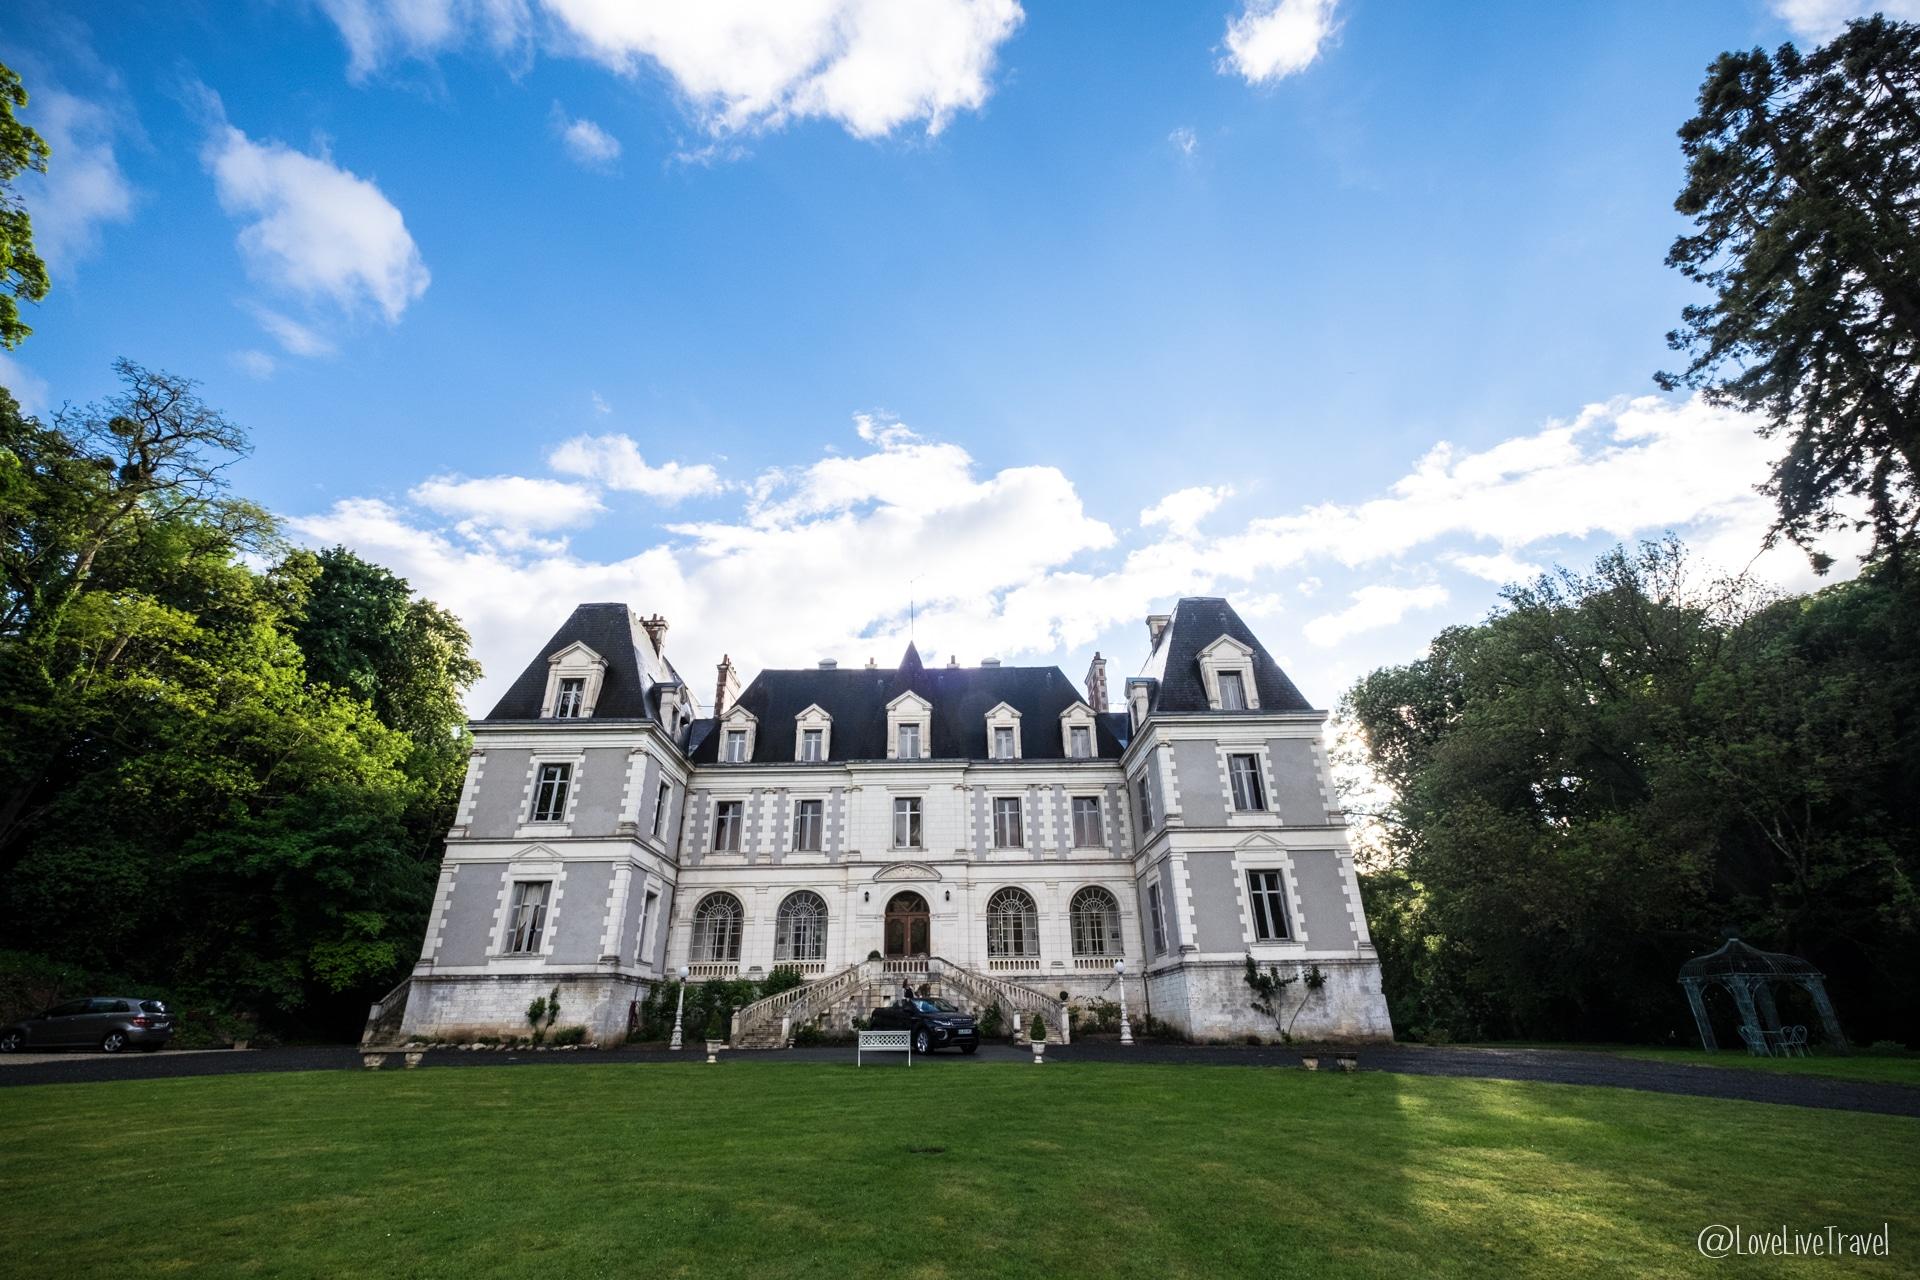 chateau du logis châteaux de la loire saint-bohaire loir-et-cher chenonceau blog voyage lovelivetravel